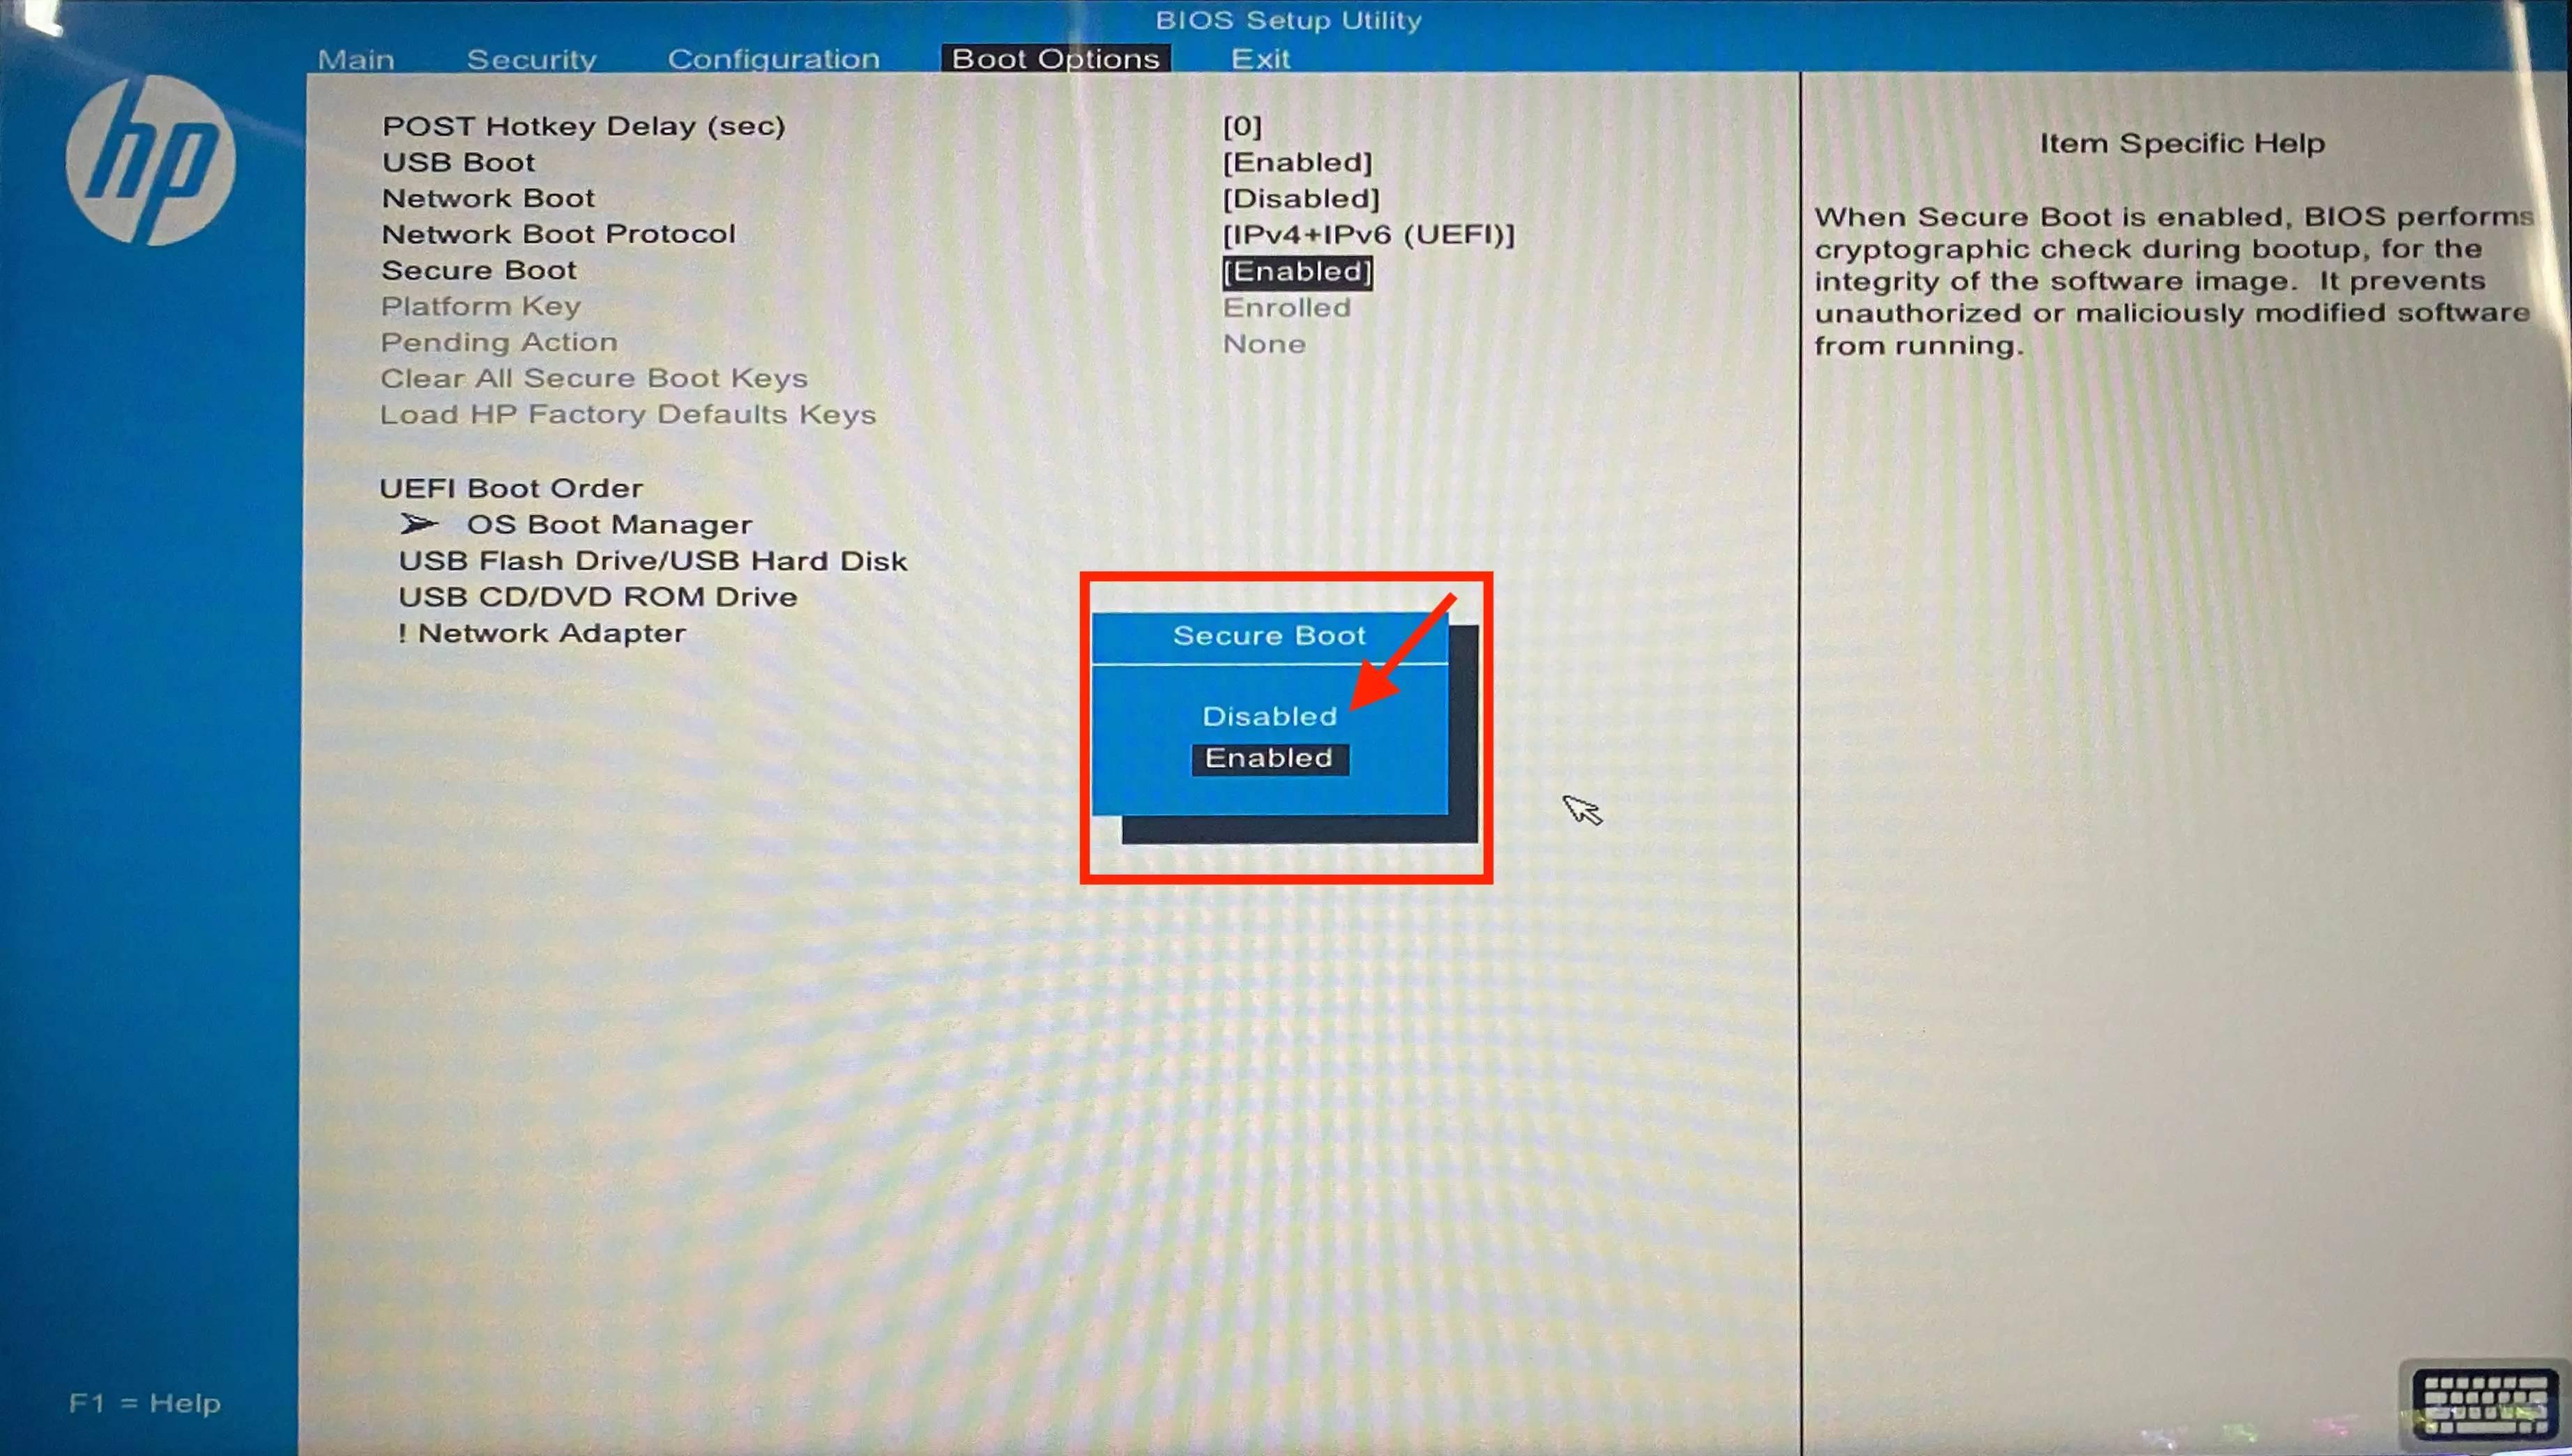 当您需要安装与安全功能不兼容的组件时,如何在PC上禁用安全启动